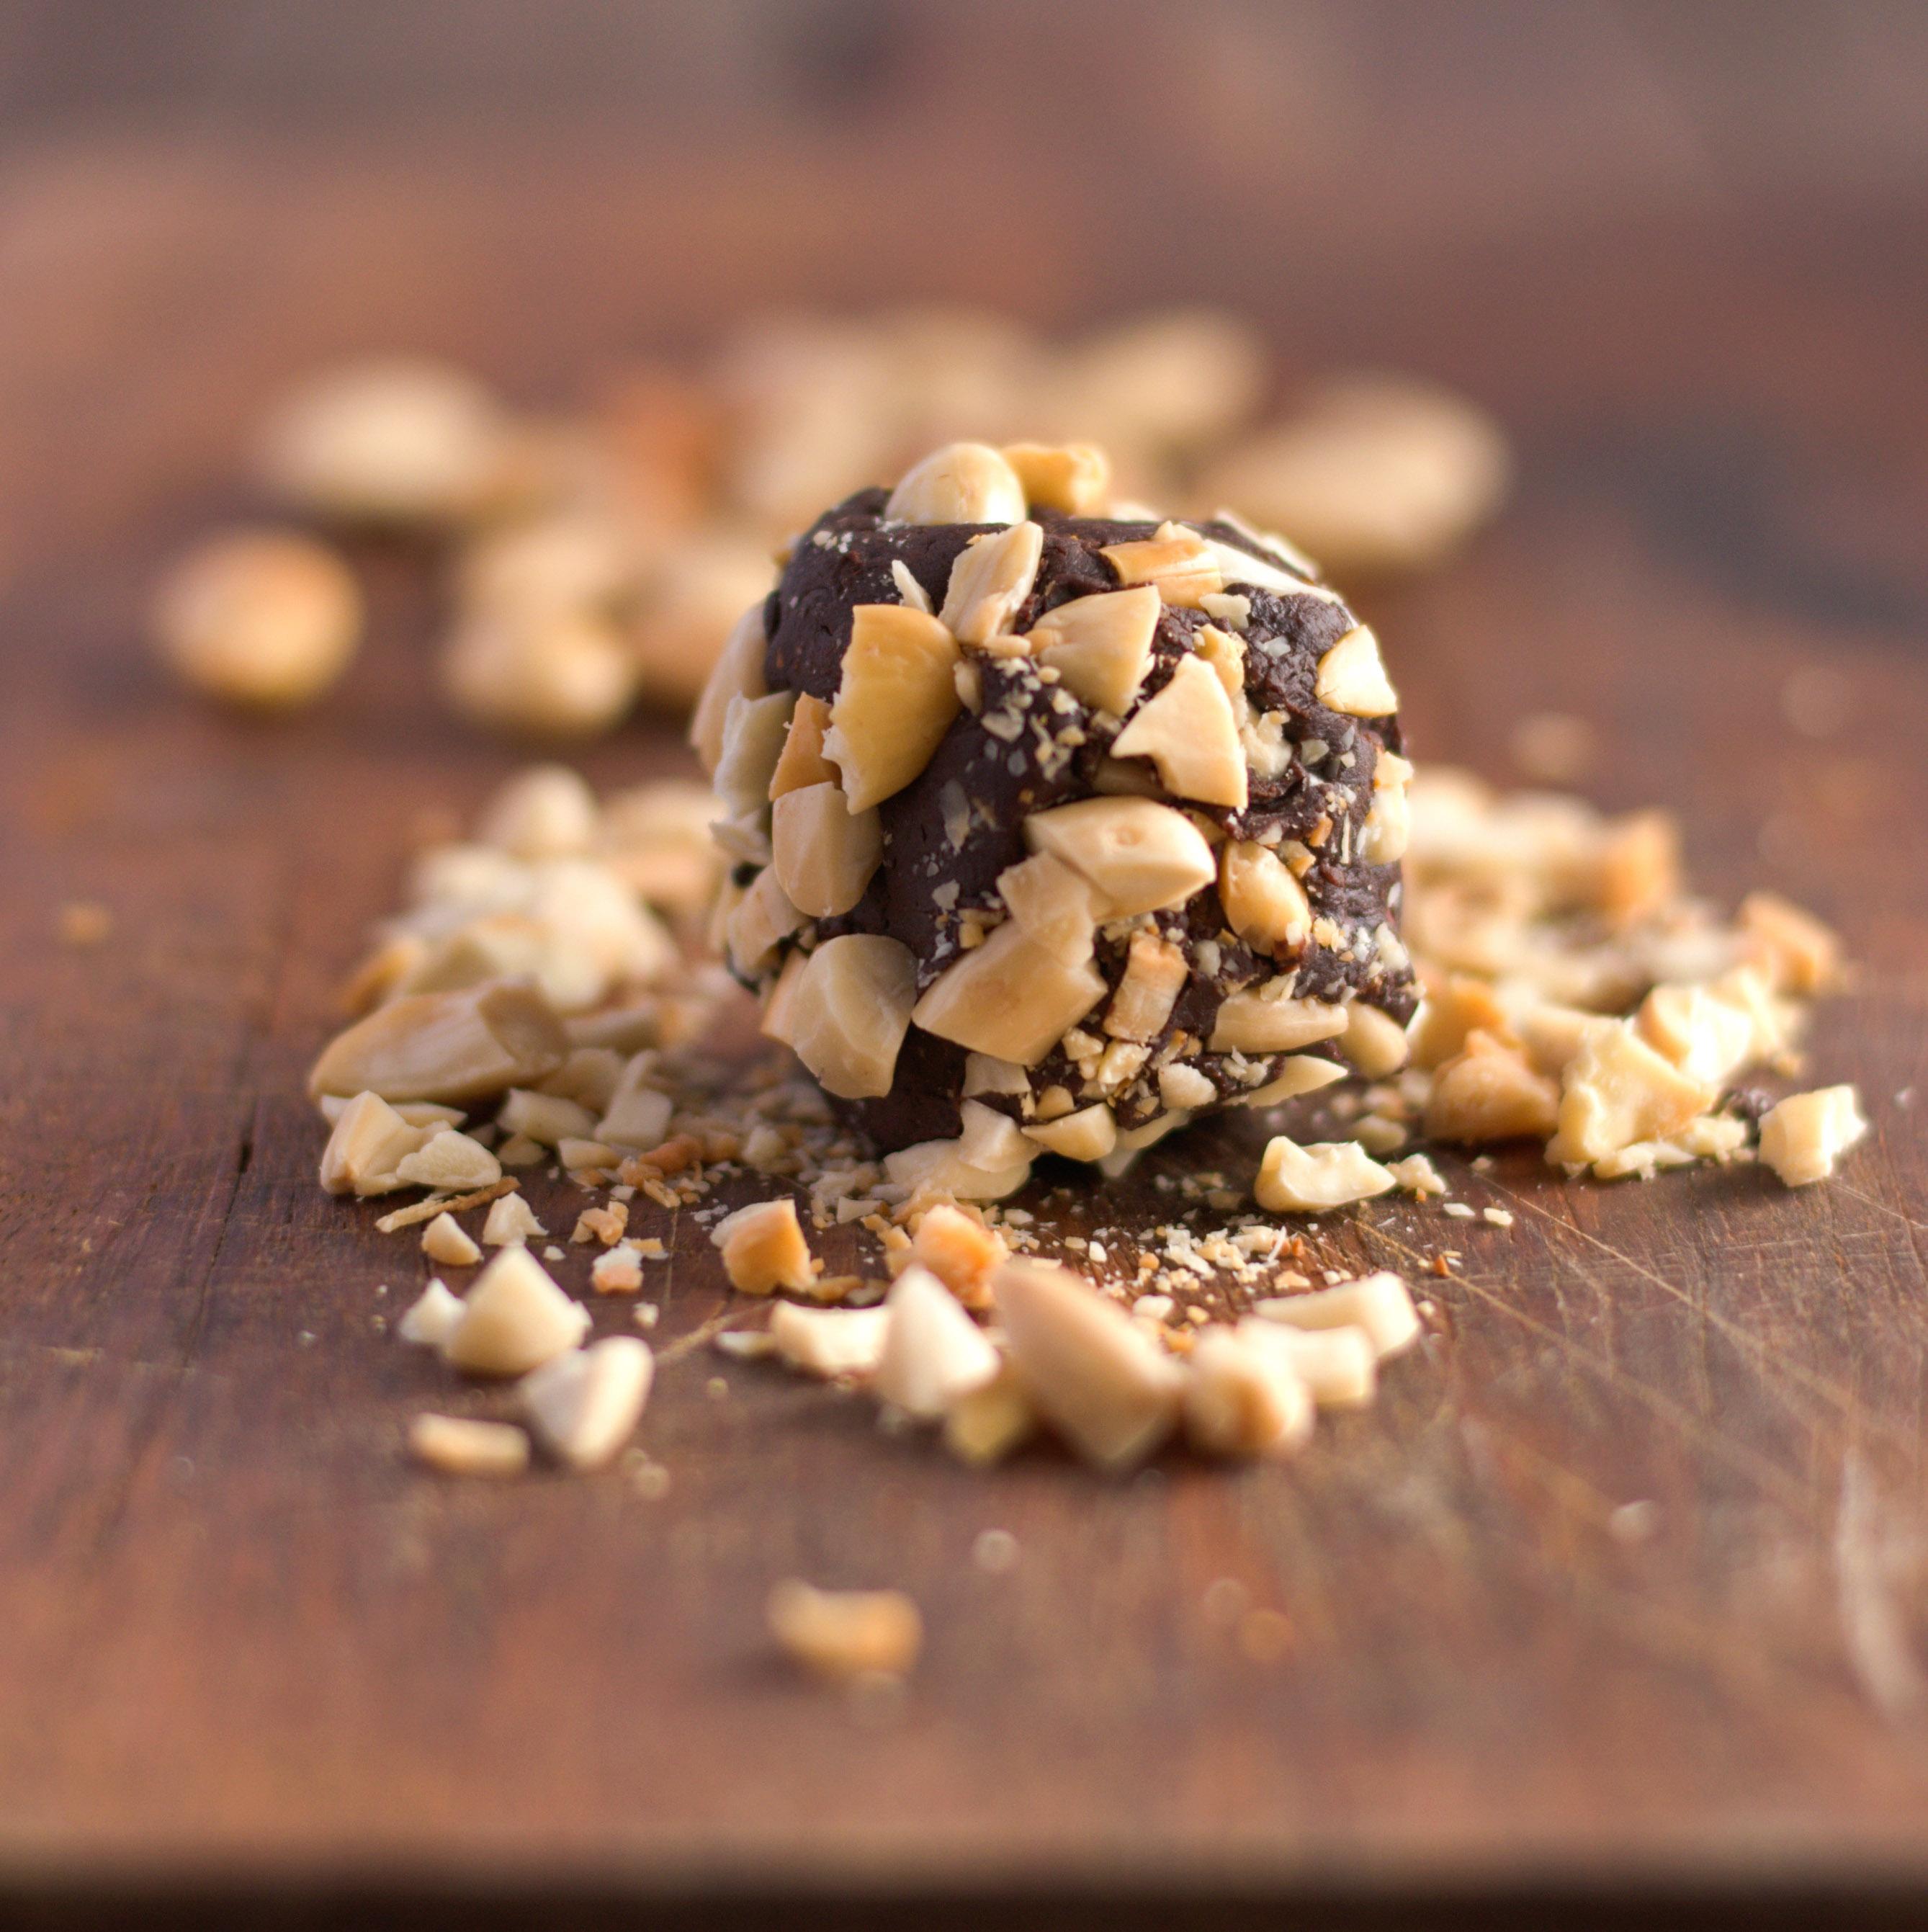 Gros rochers au chocolat, éclats de fève et noisettes 1-2-2